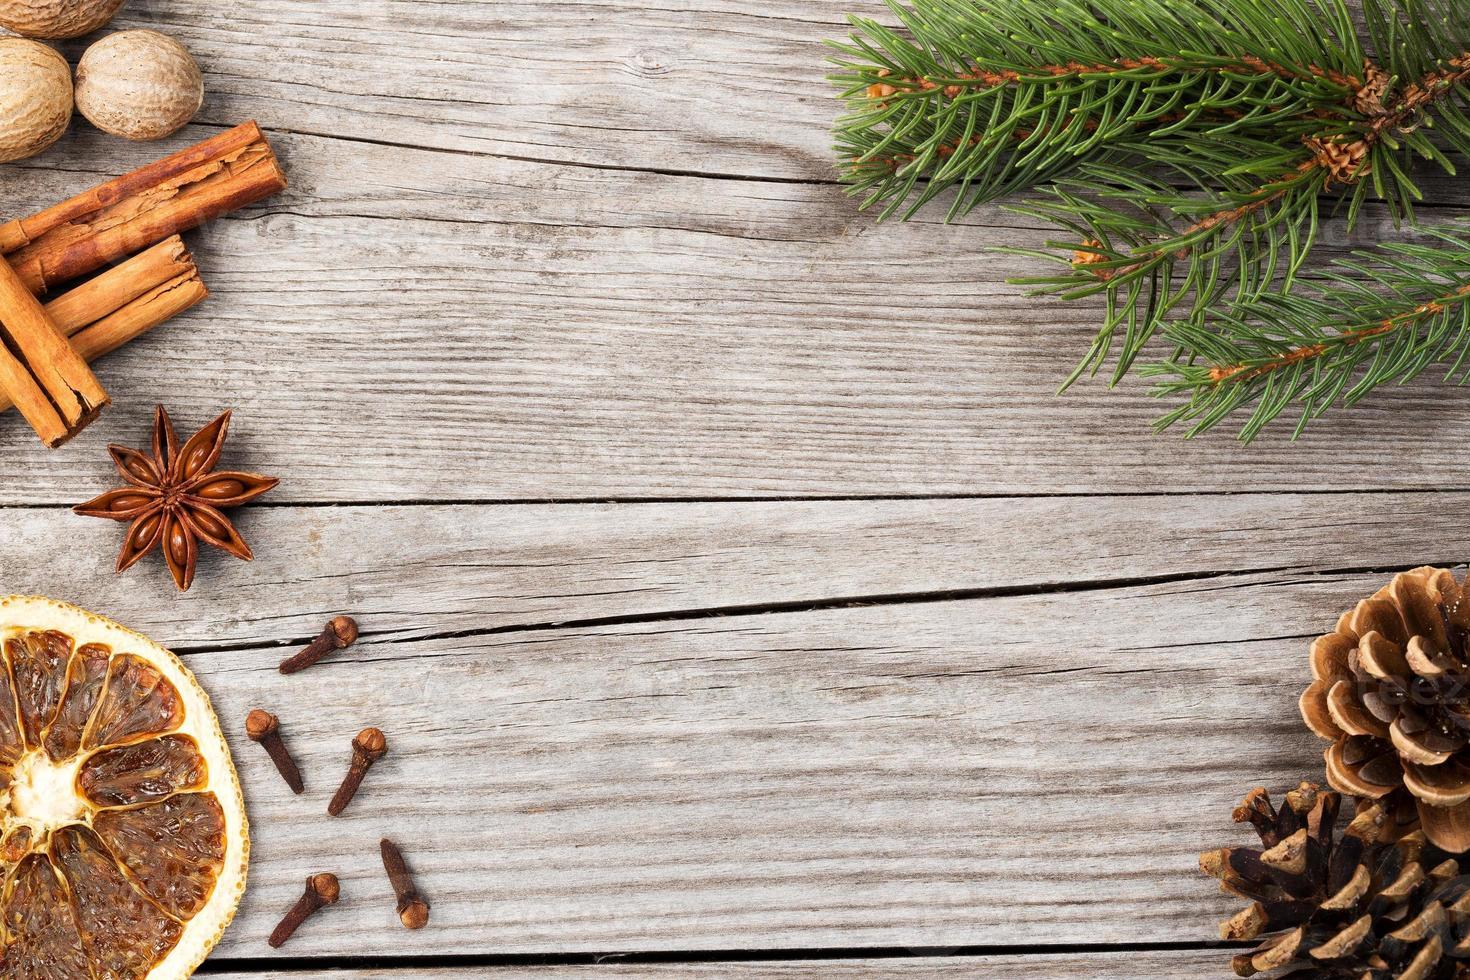 spezie e ramo di abete su fondo in legno foto